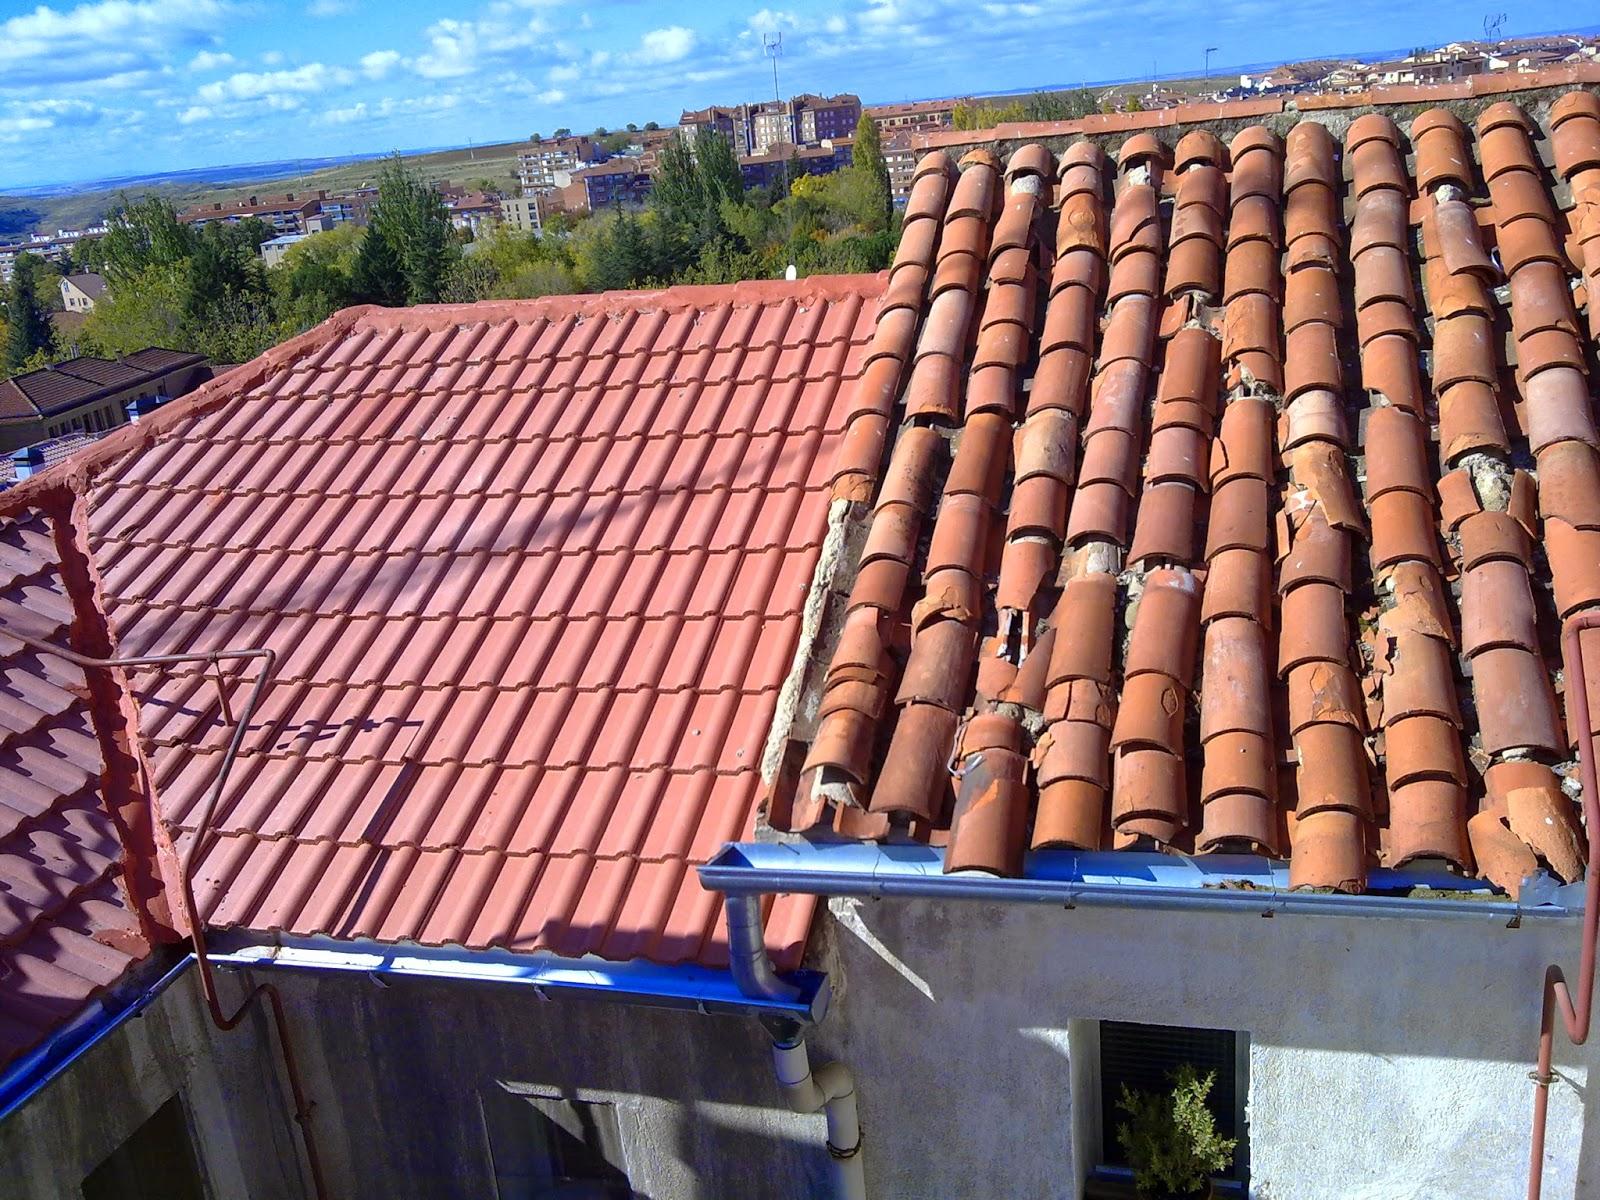 Impermeabilizaciones goteras y humedades de tejados for Tejados de madera baratos